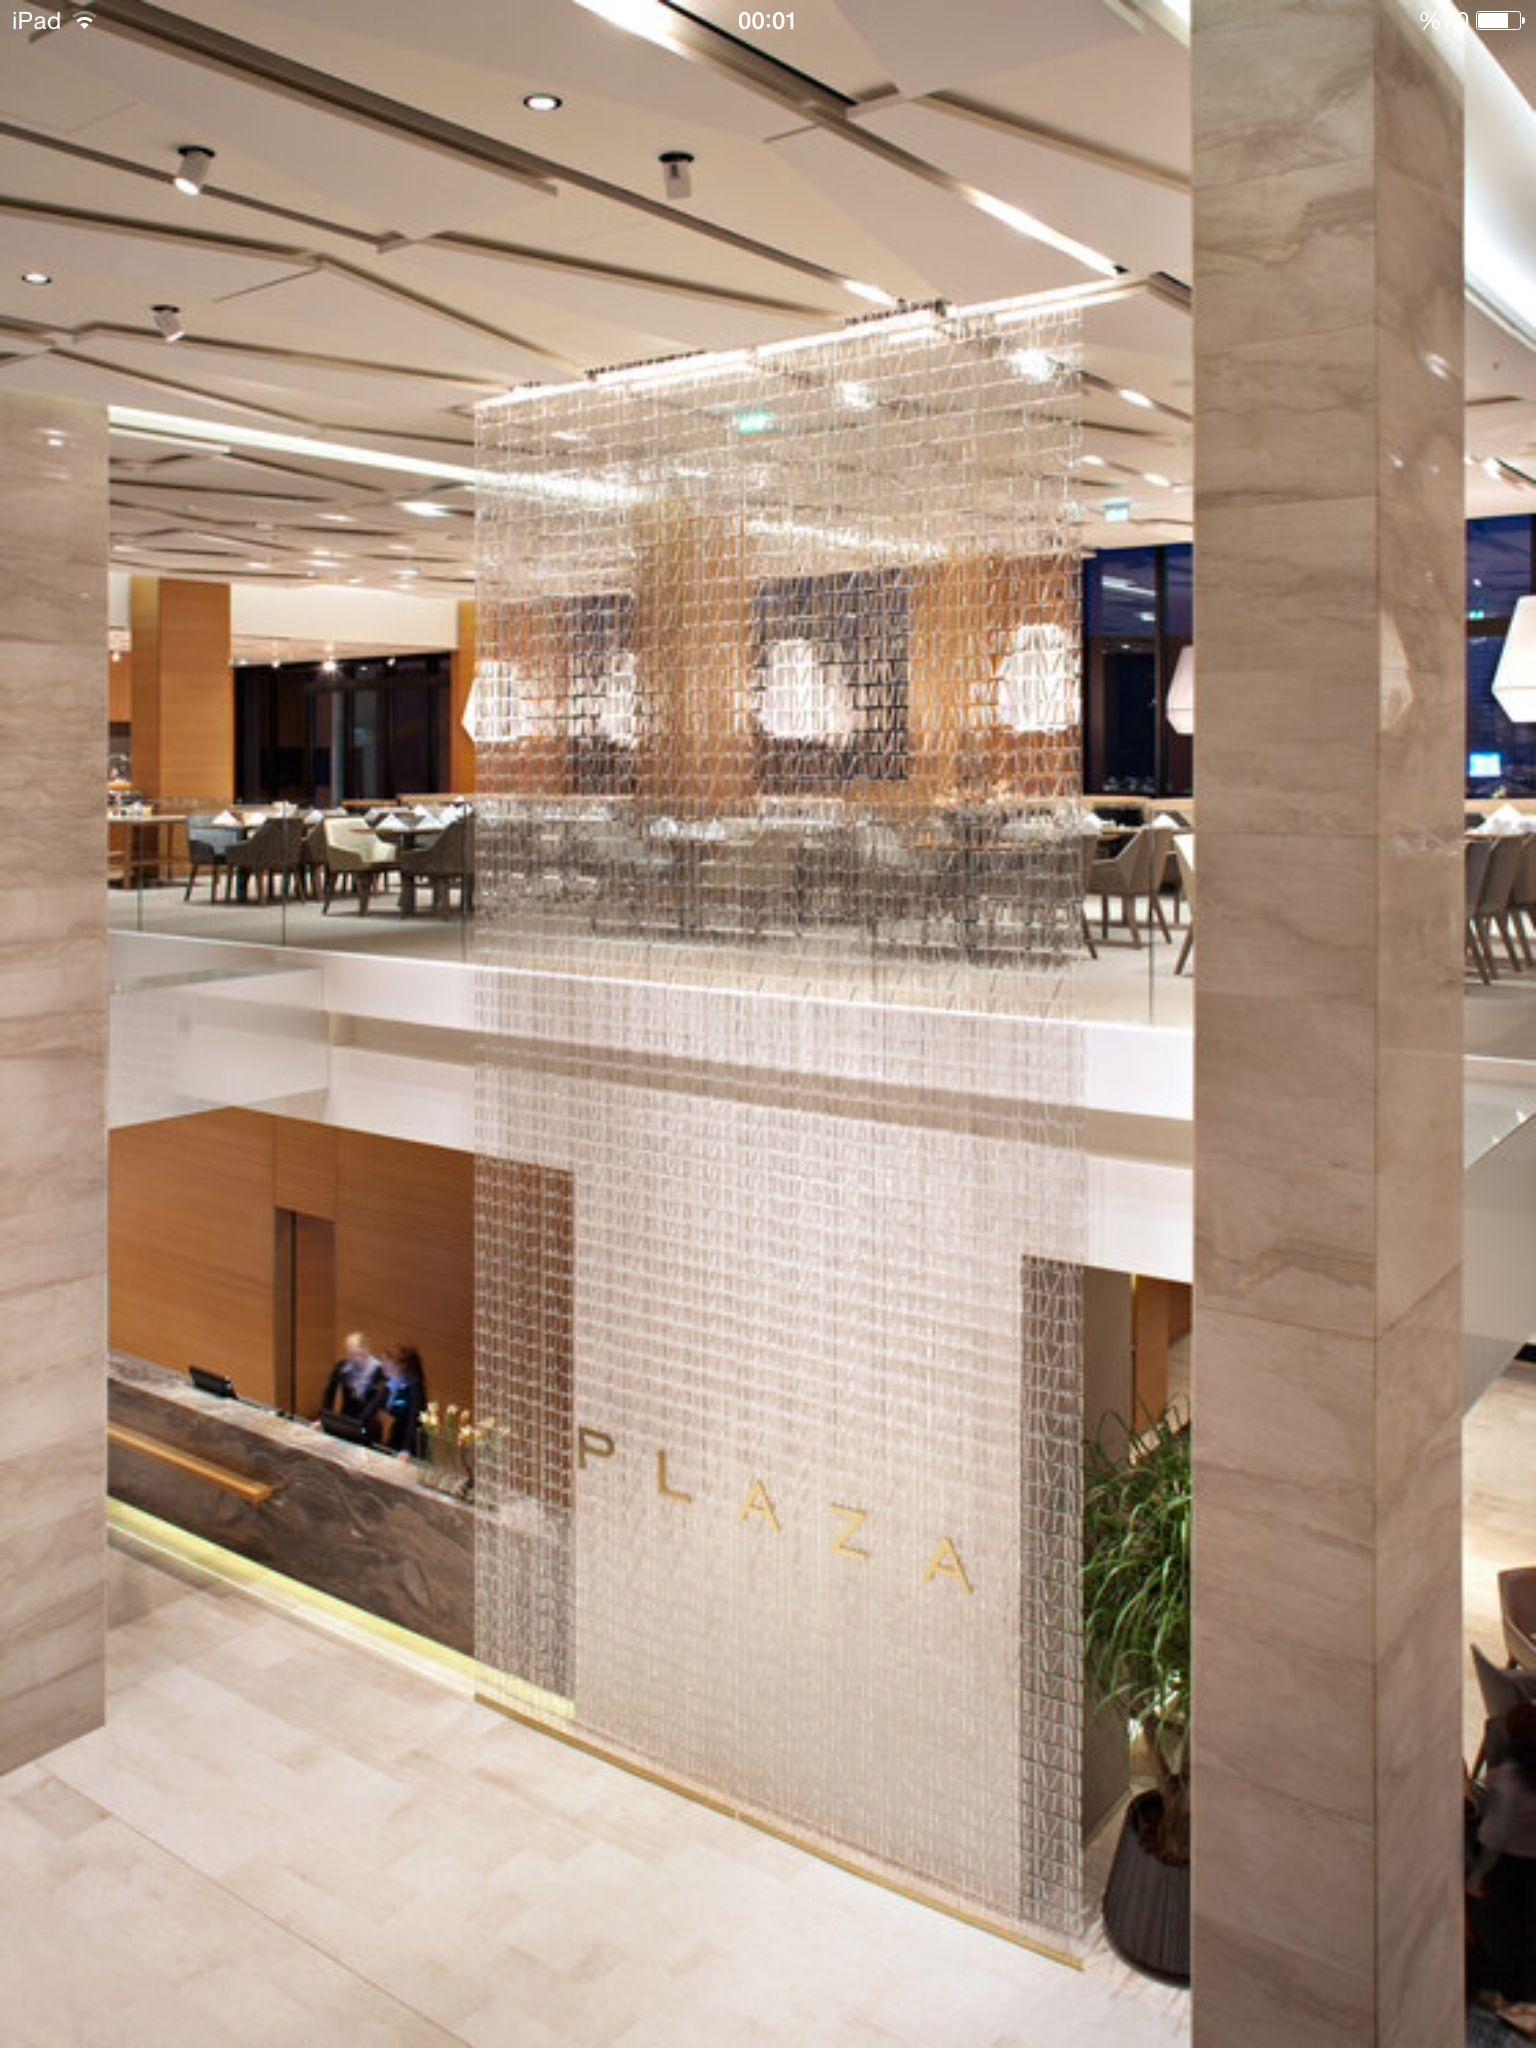 Fabbian illuminazione spa | Hotel design | Pinterest | Spa and ...